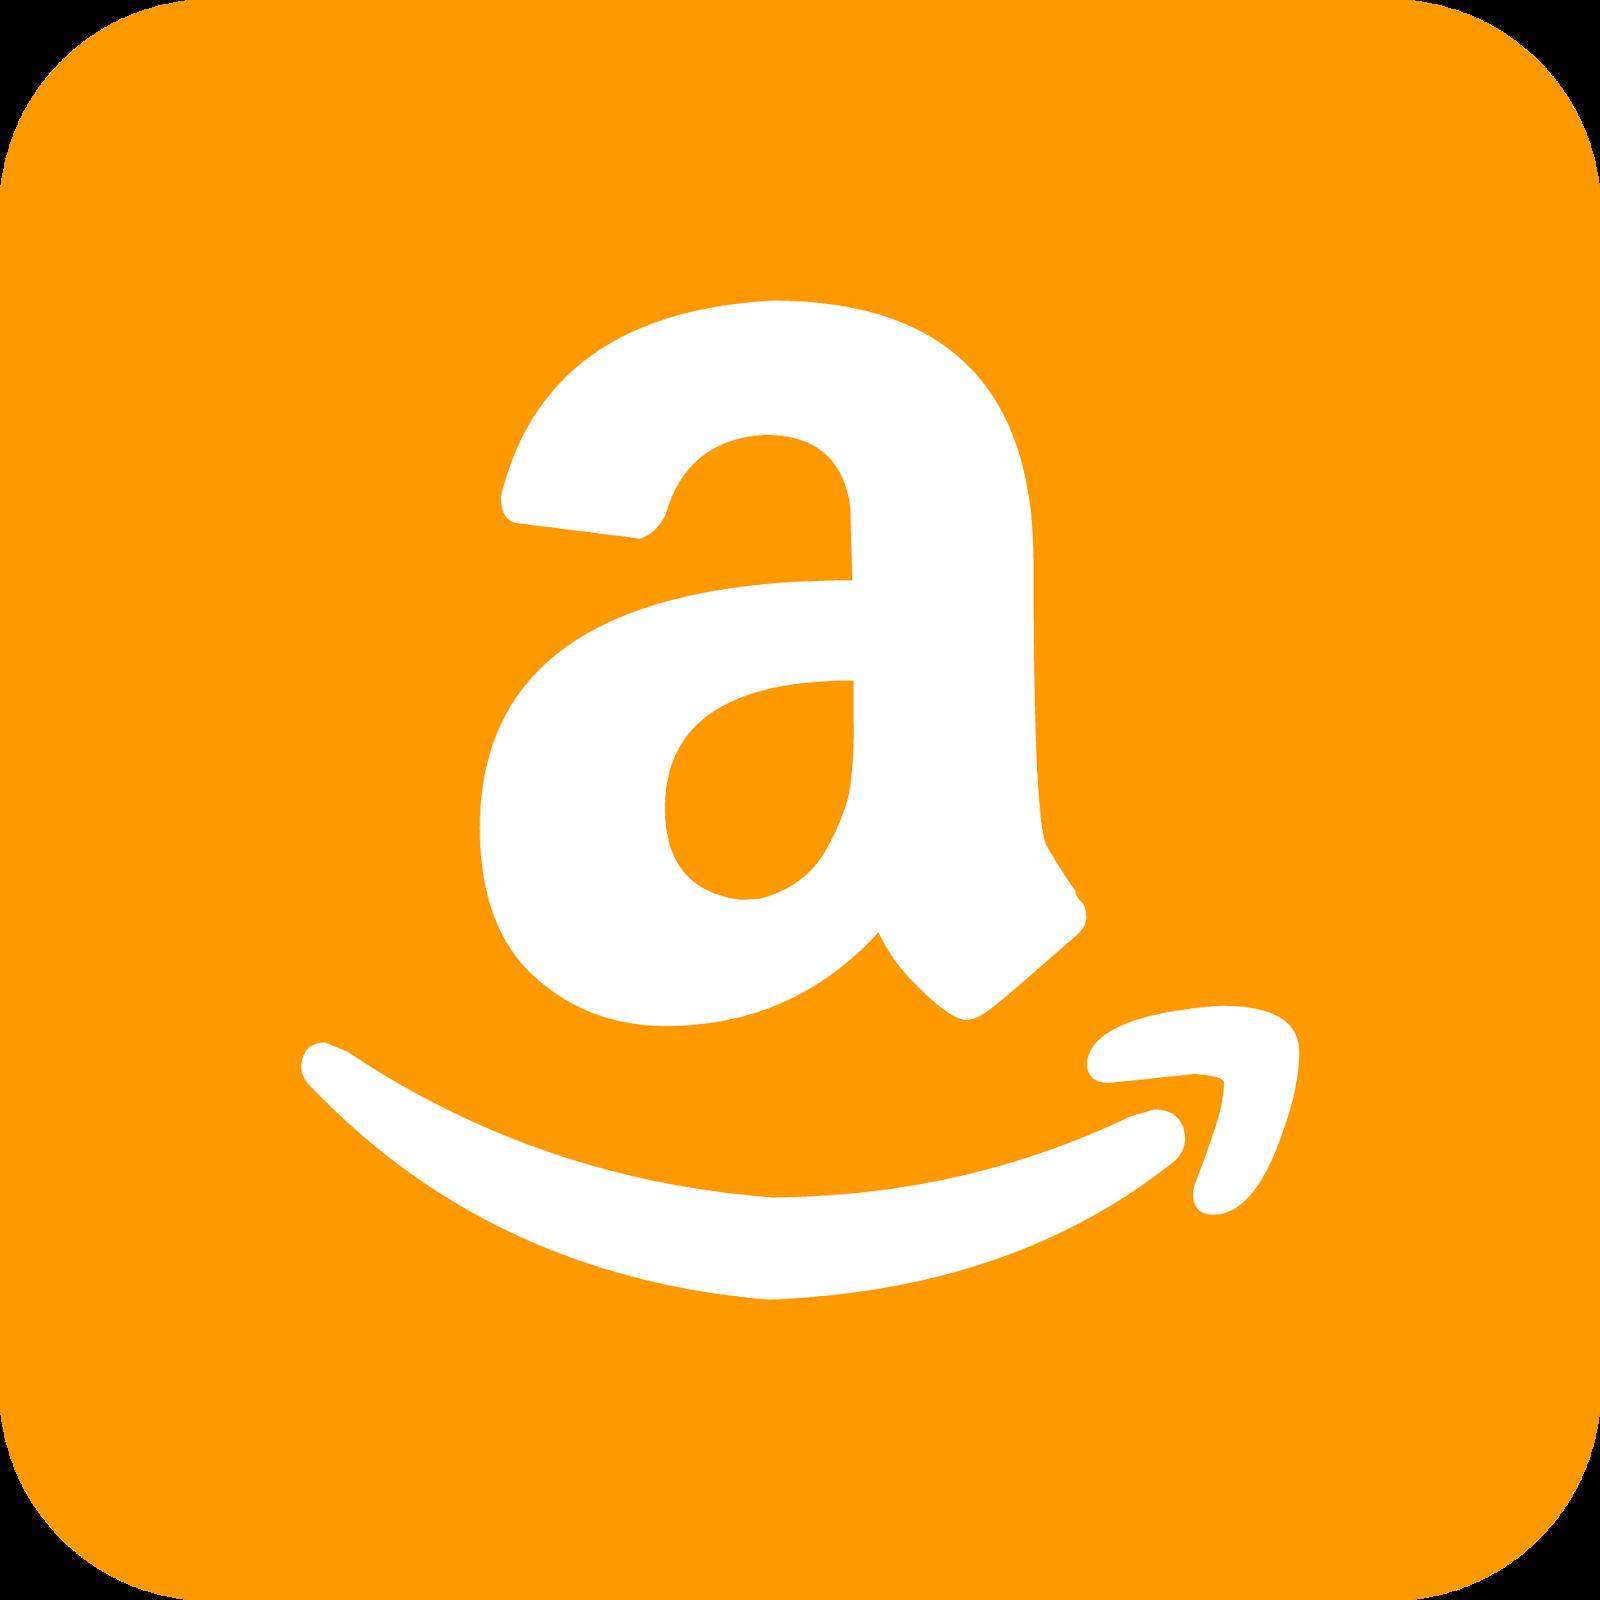 download amazon logo svg eps png psd ai vector color free - el fonts vectors